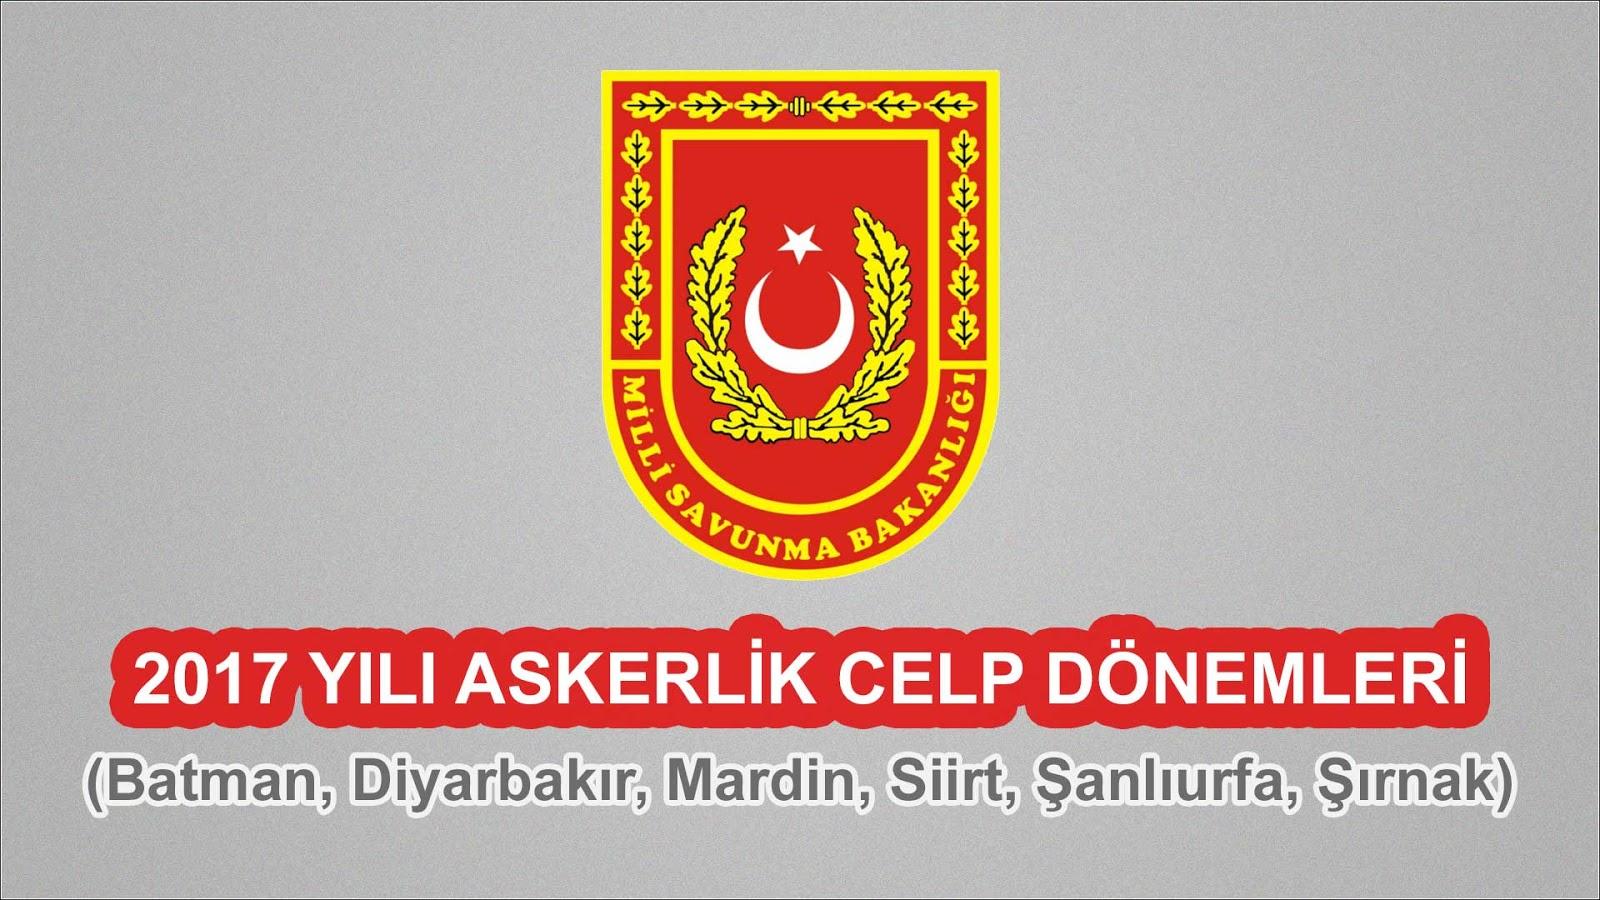 2017 Yılı Diyarbakır, Mardin, Şanlıurfa Askerlik Celp Dönemleri